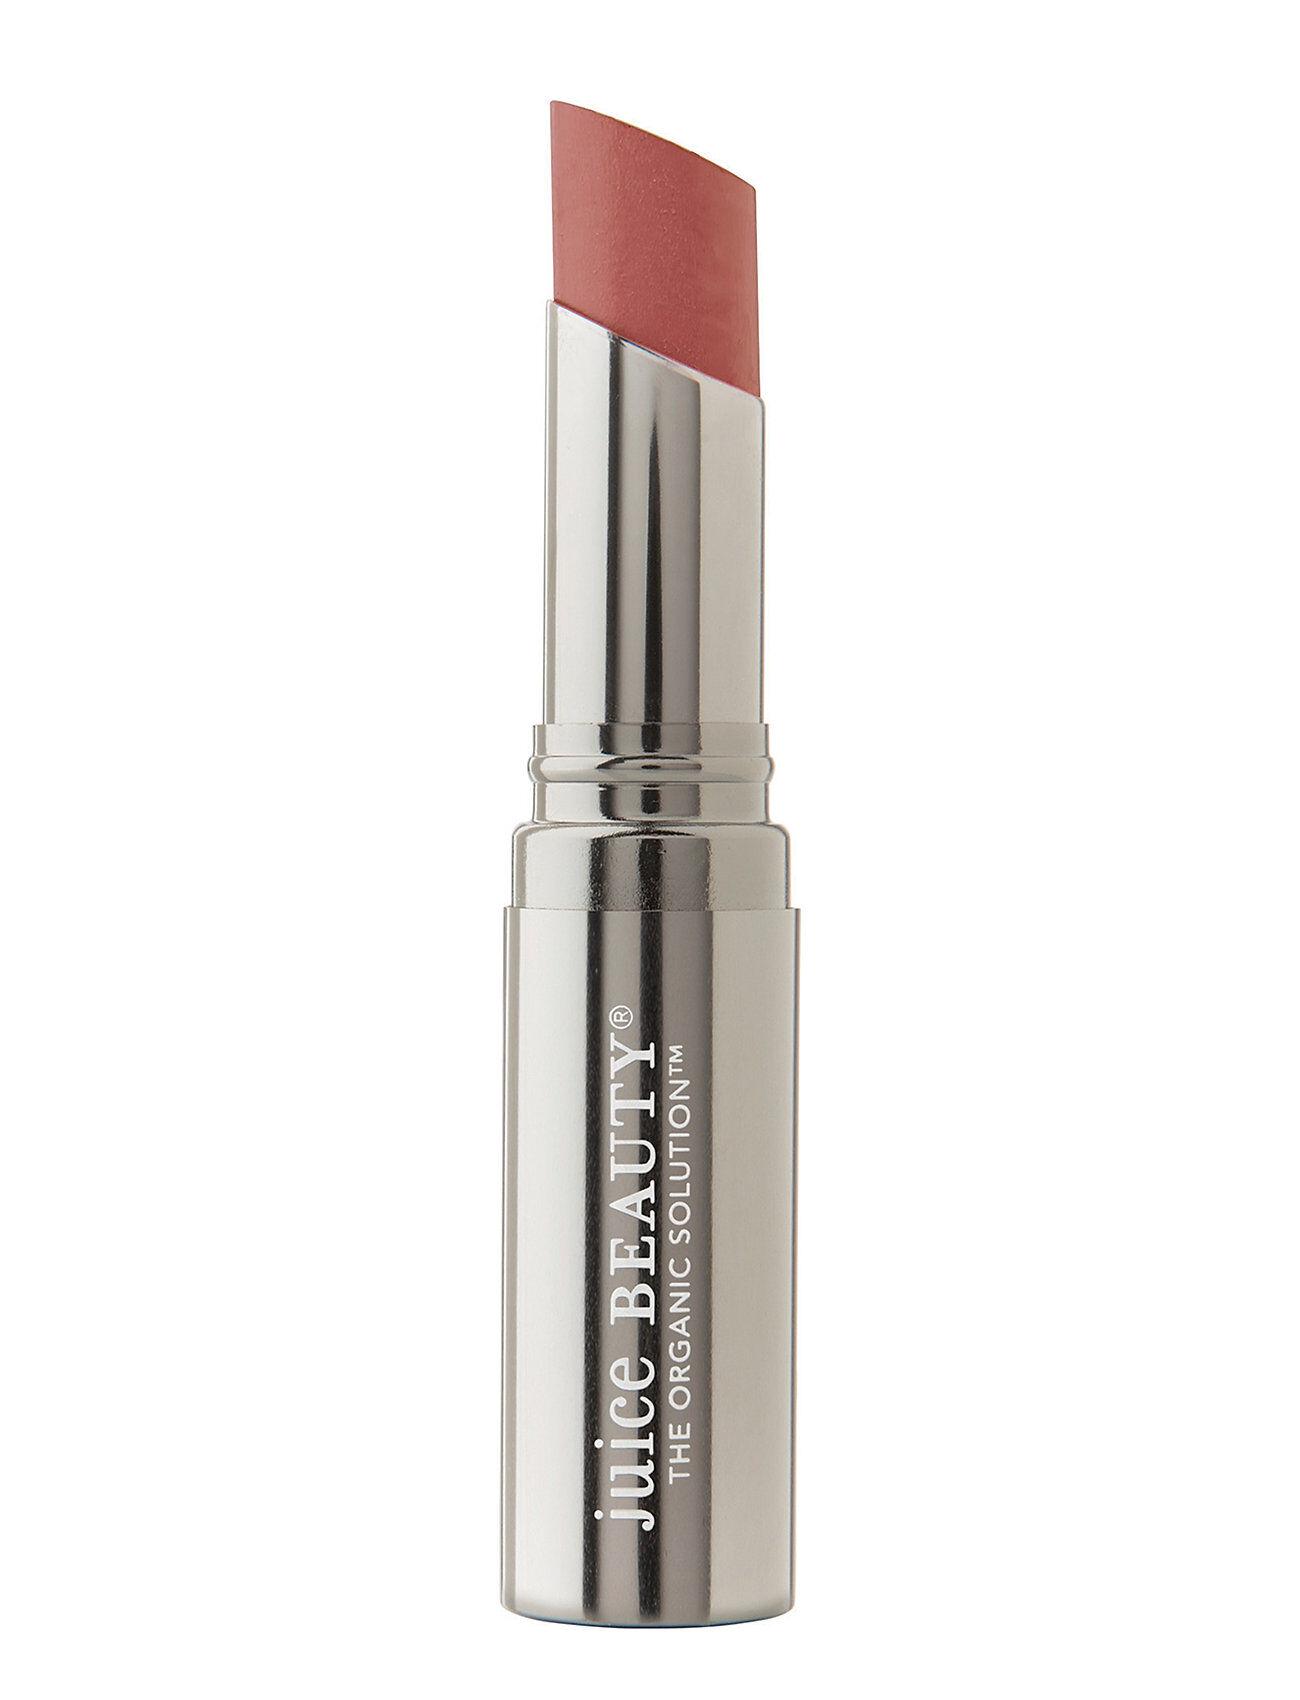 Juice Beauty Satin Lip Cream - 06 Blush